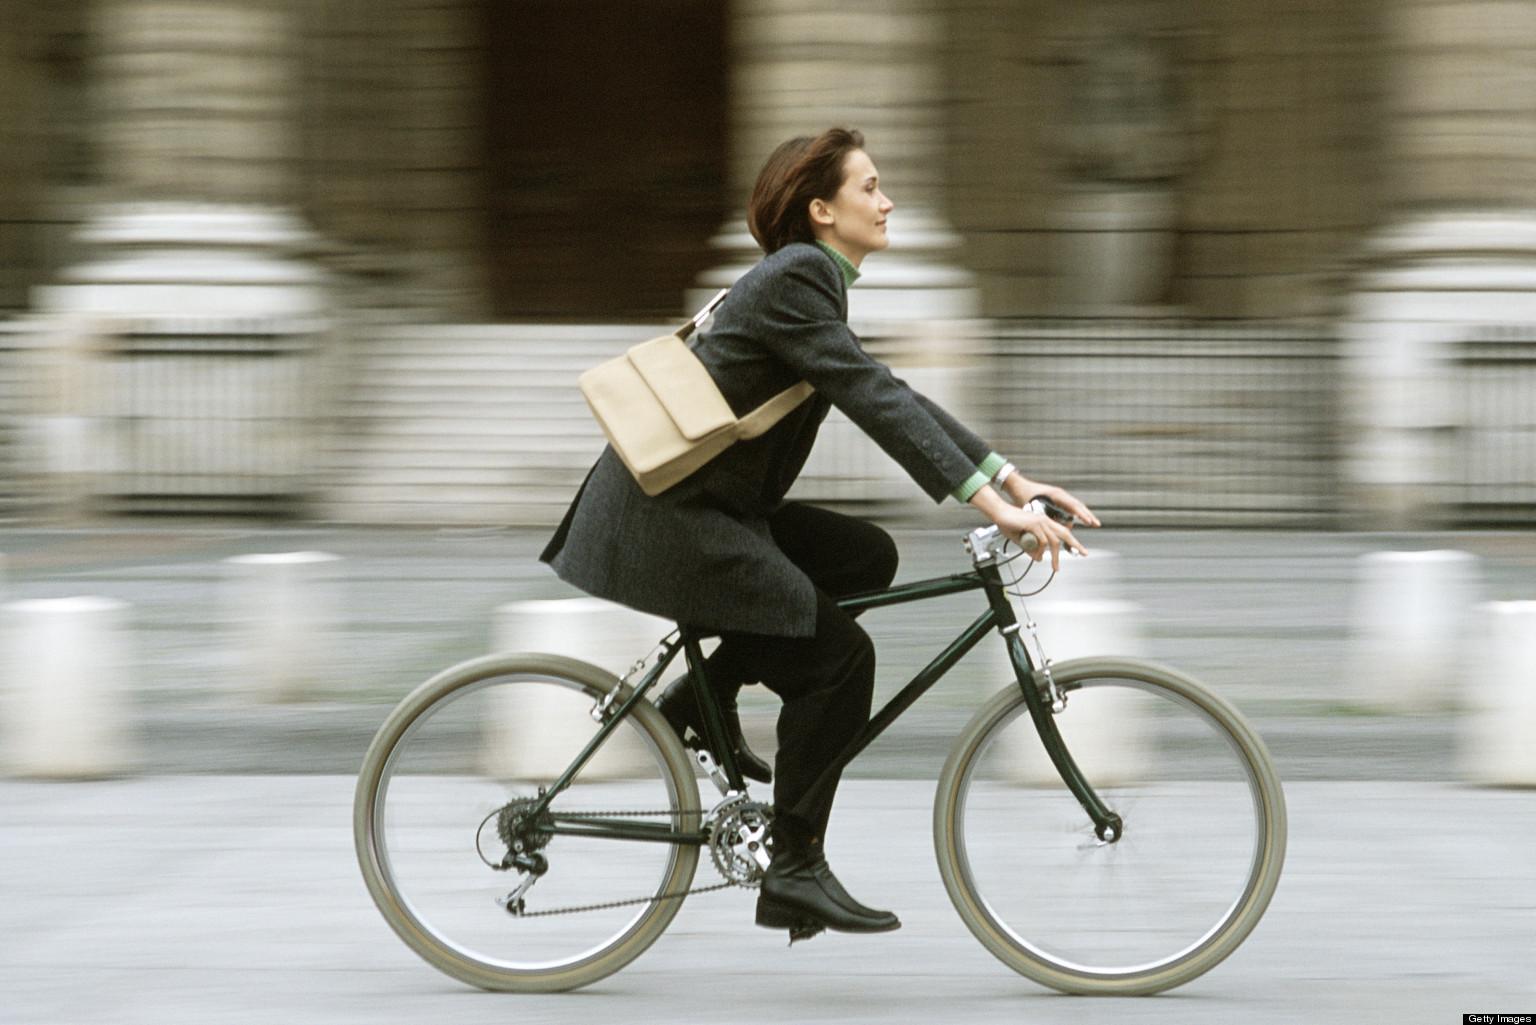 Regresso ao trabalho by bike